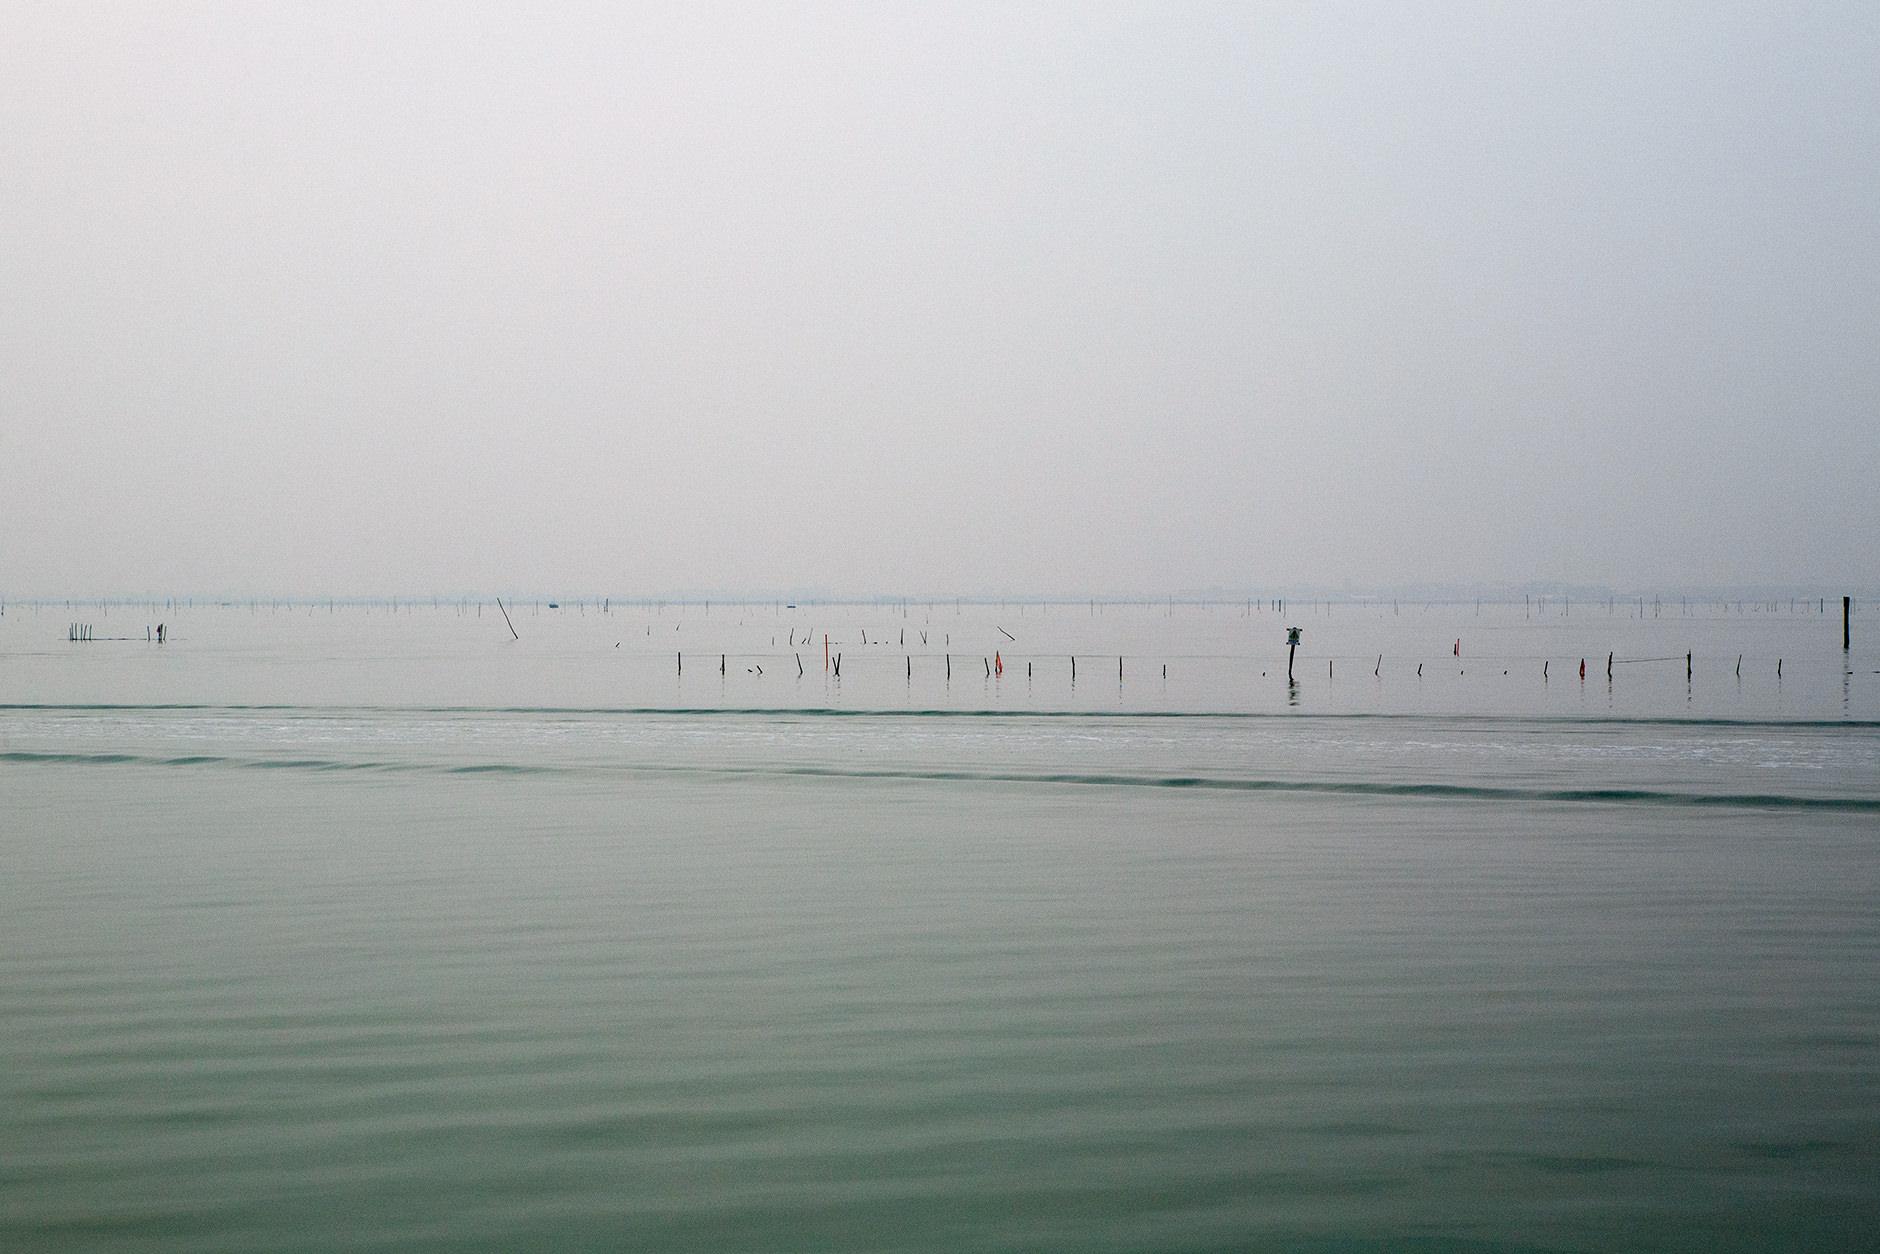 Michelle Grant | Stillness | Sea study #4